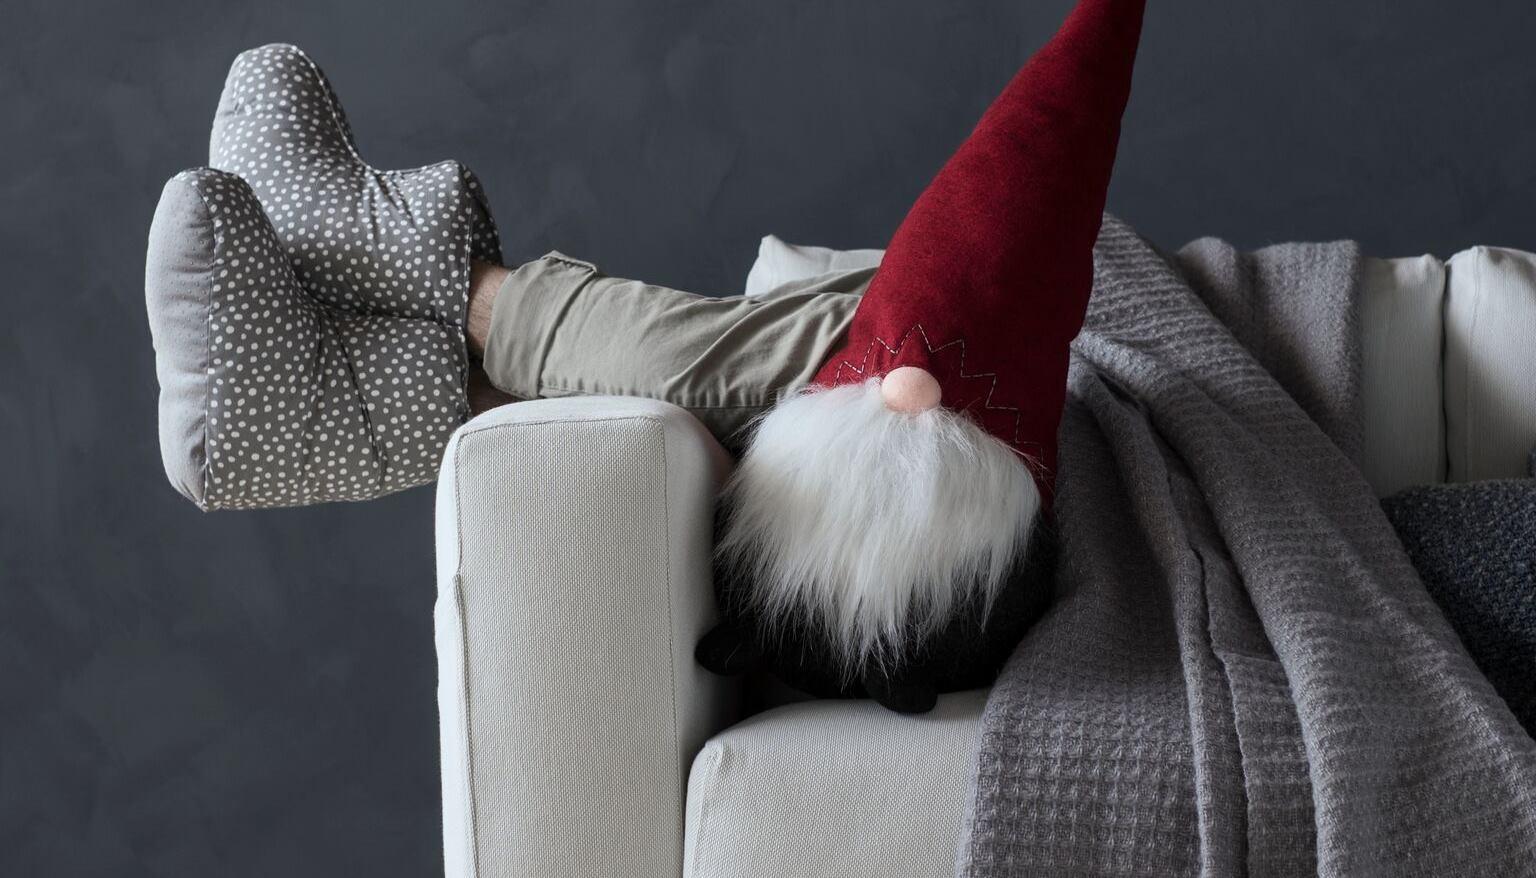 IKEA ZAGREB Dostupna božićna kolekcija inspirirana divljom ljepotom Islanda